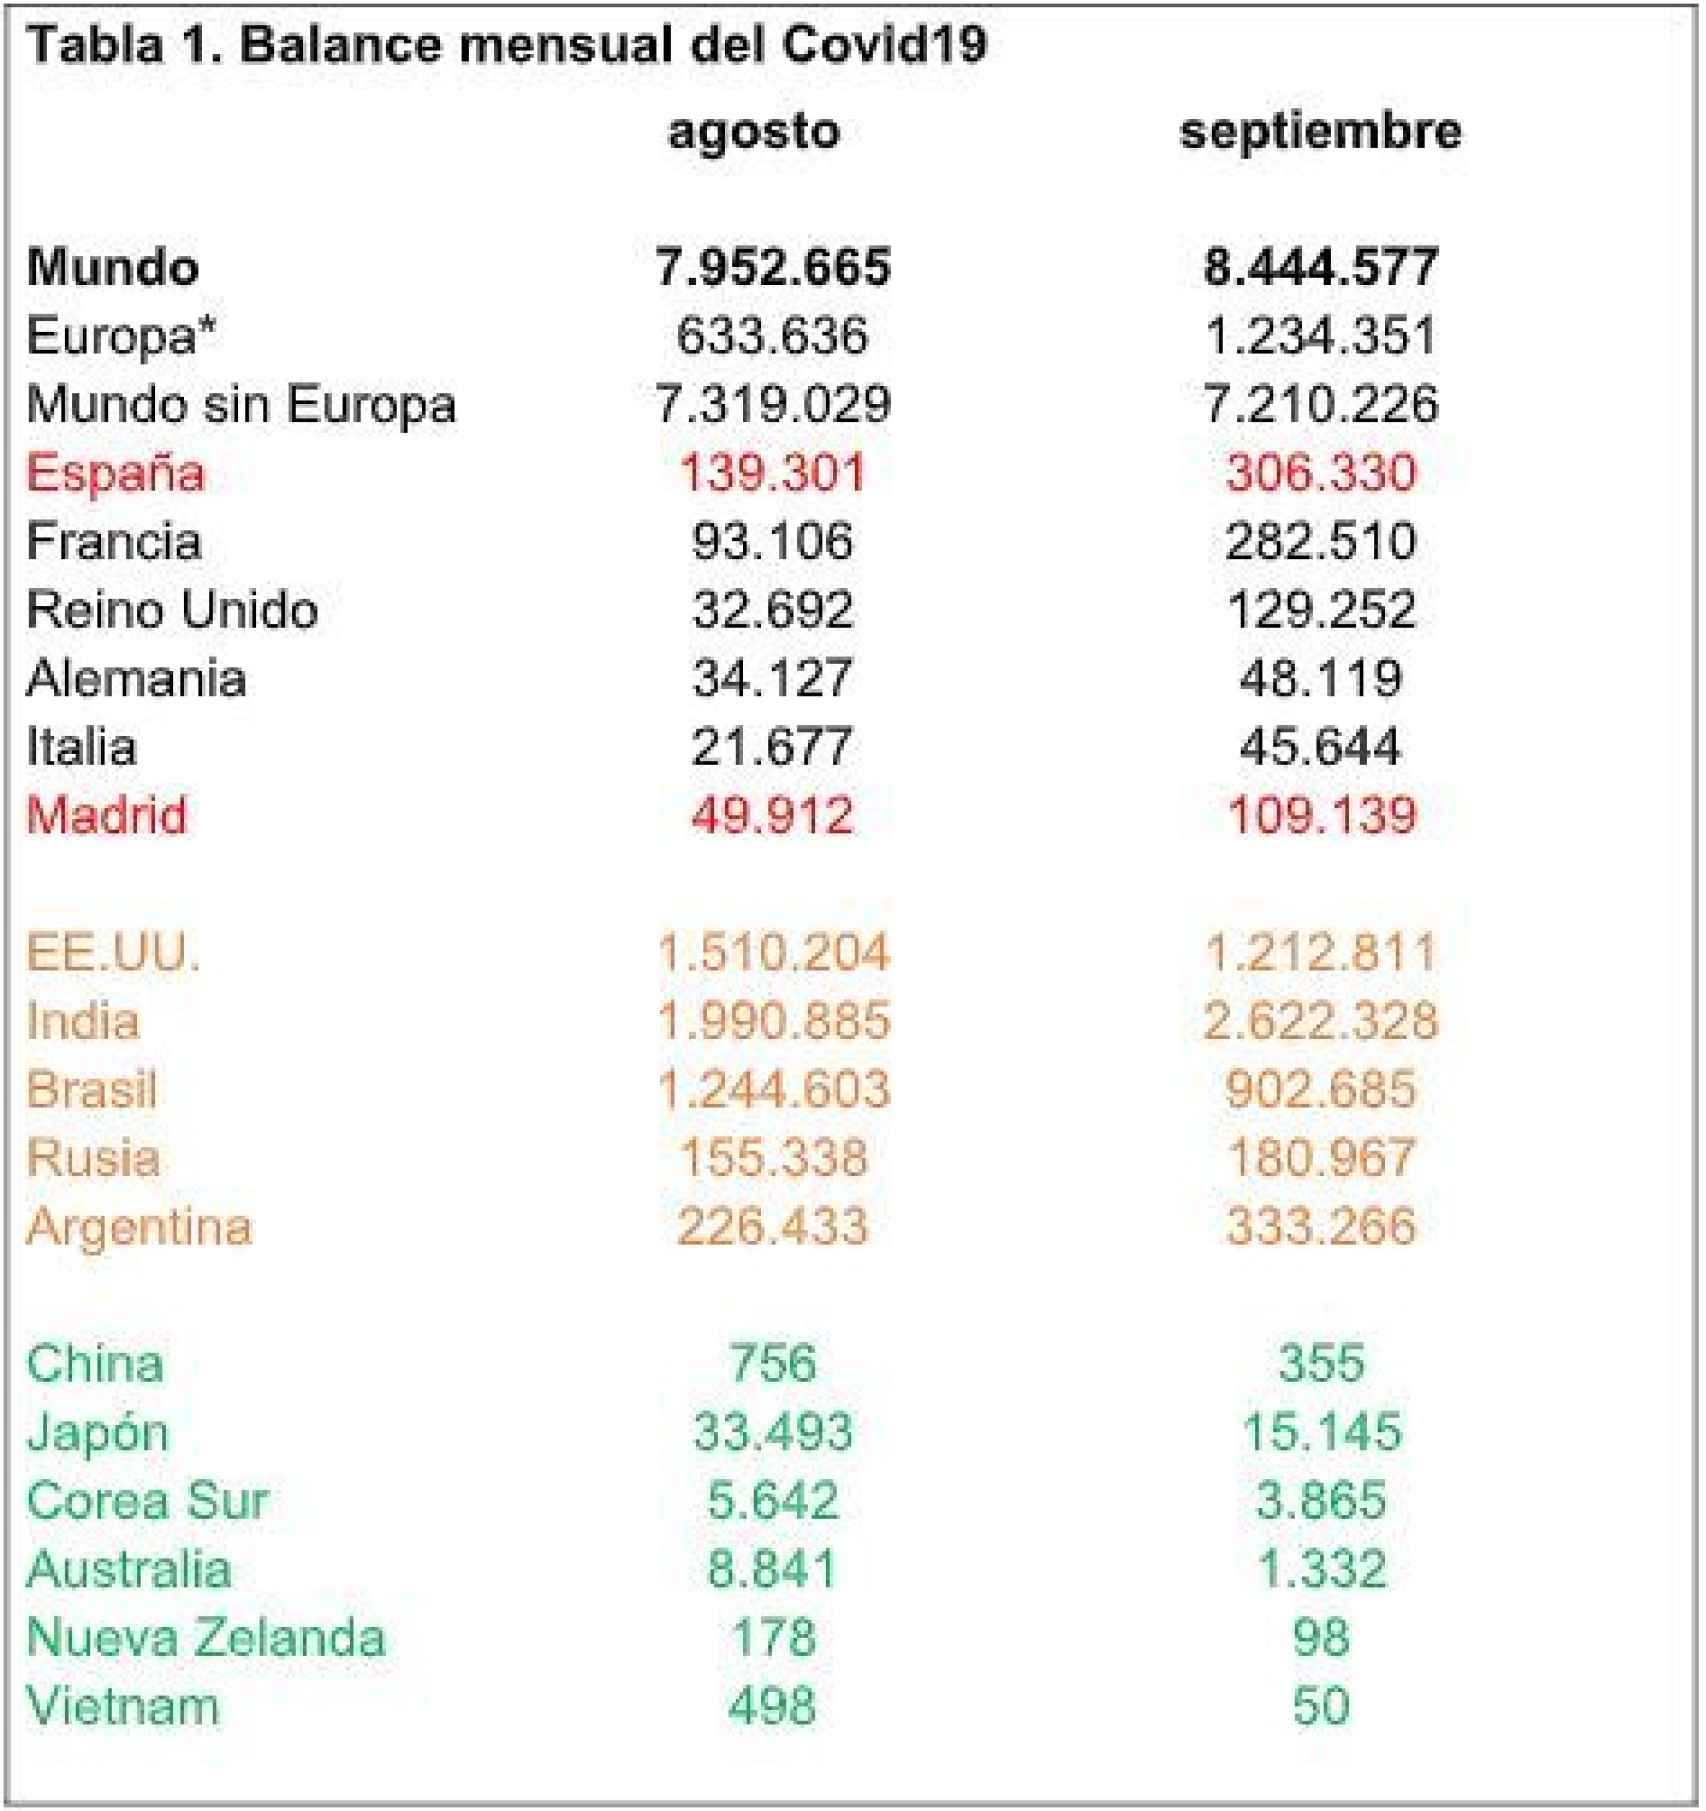 *Sin Rusia ni Turquía. Fuente: Worldometers y ECDC. Para España, elaboración propia a partir del Ministerio de Sanidad.